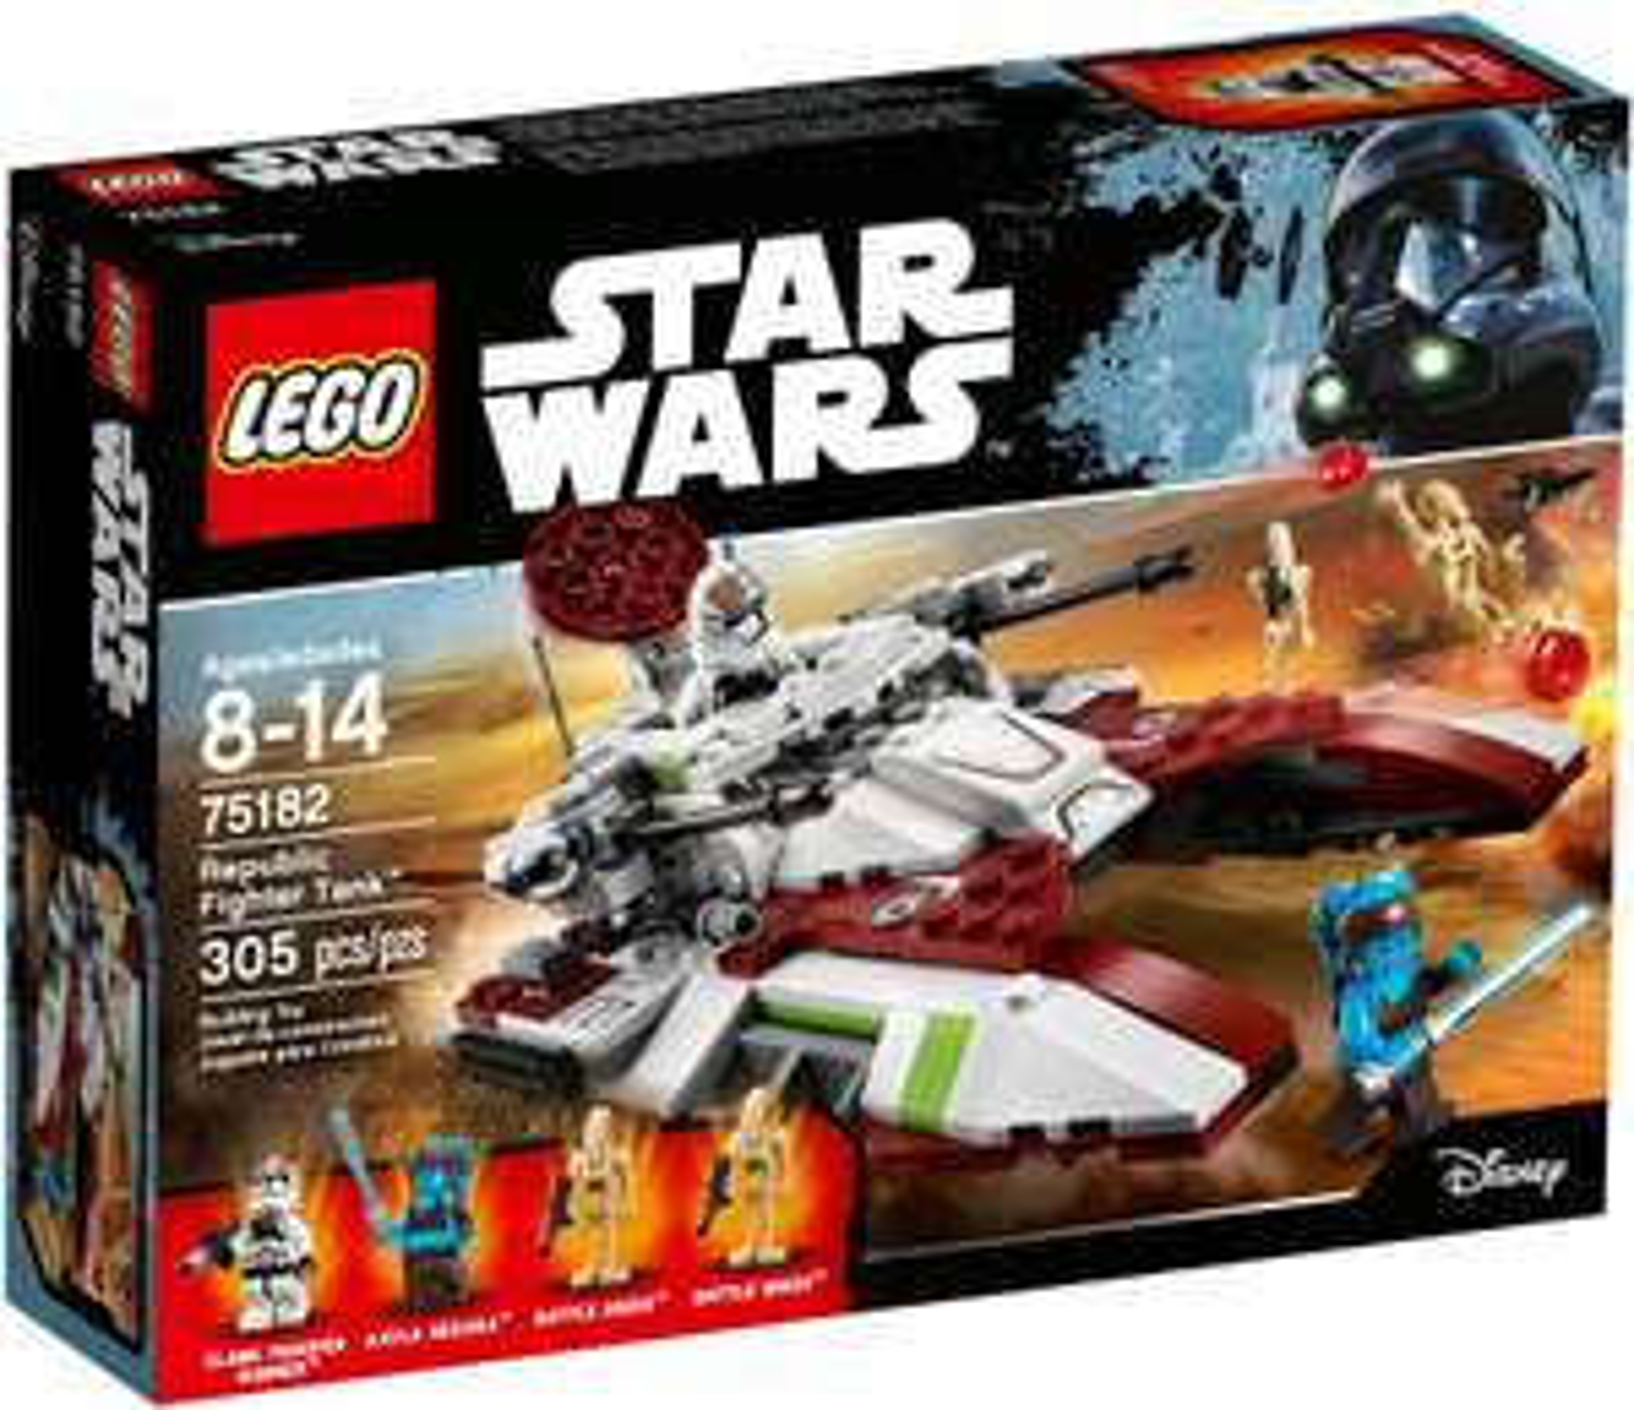 LEGO STAR WARS 75182